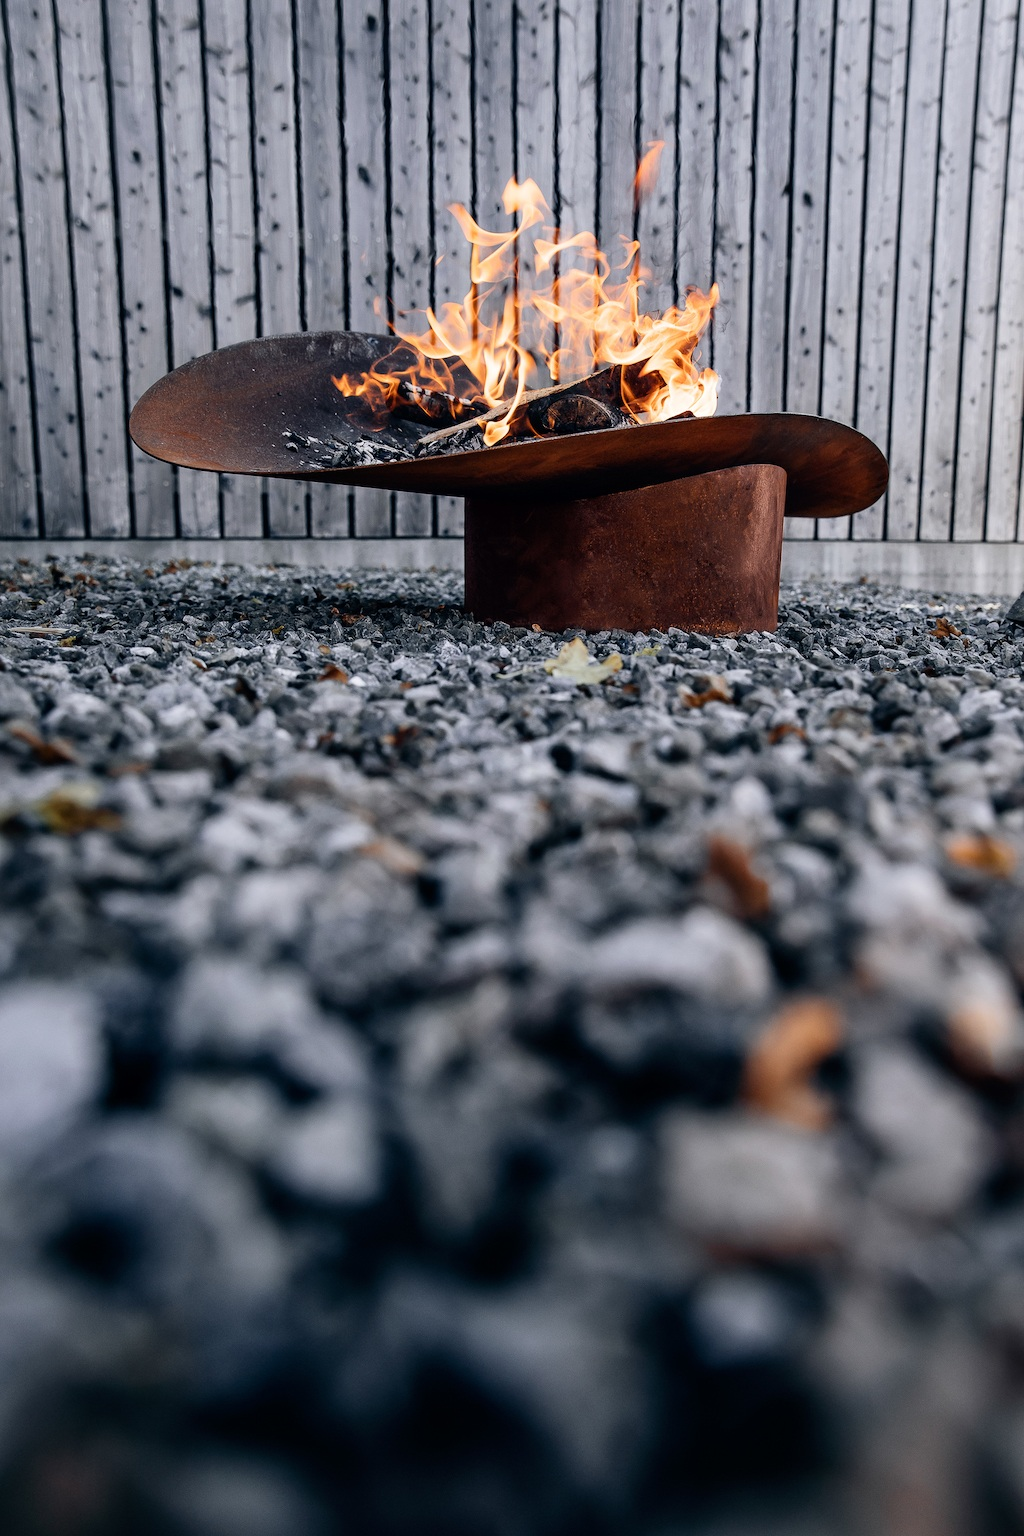 10 praktische Gartenaccessoires Ellipse Feuerschale von höfats